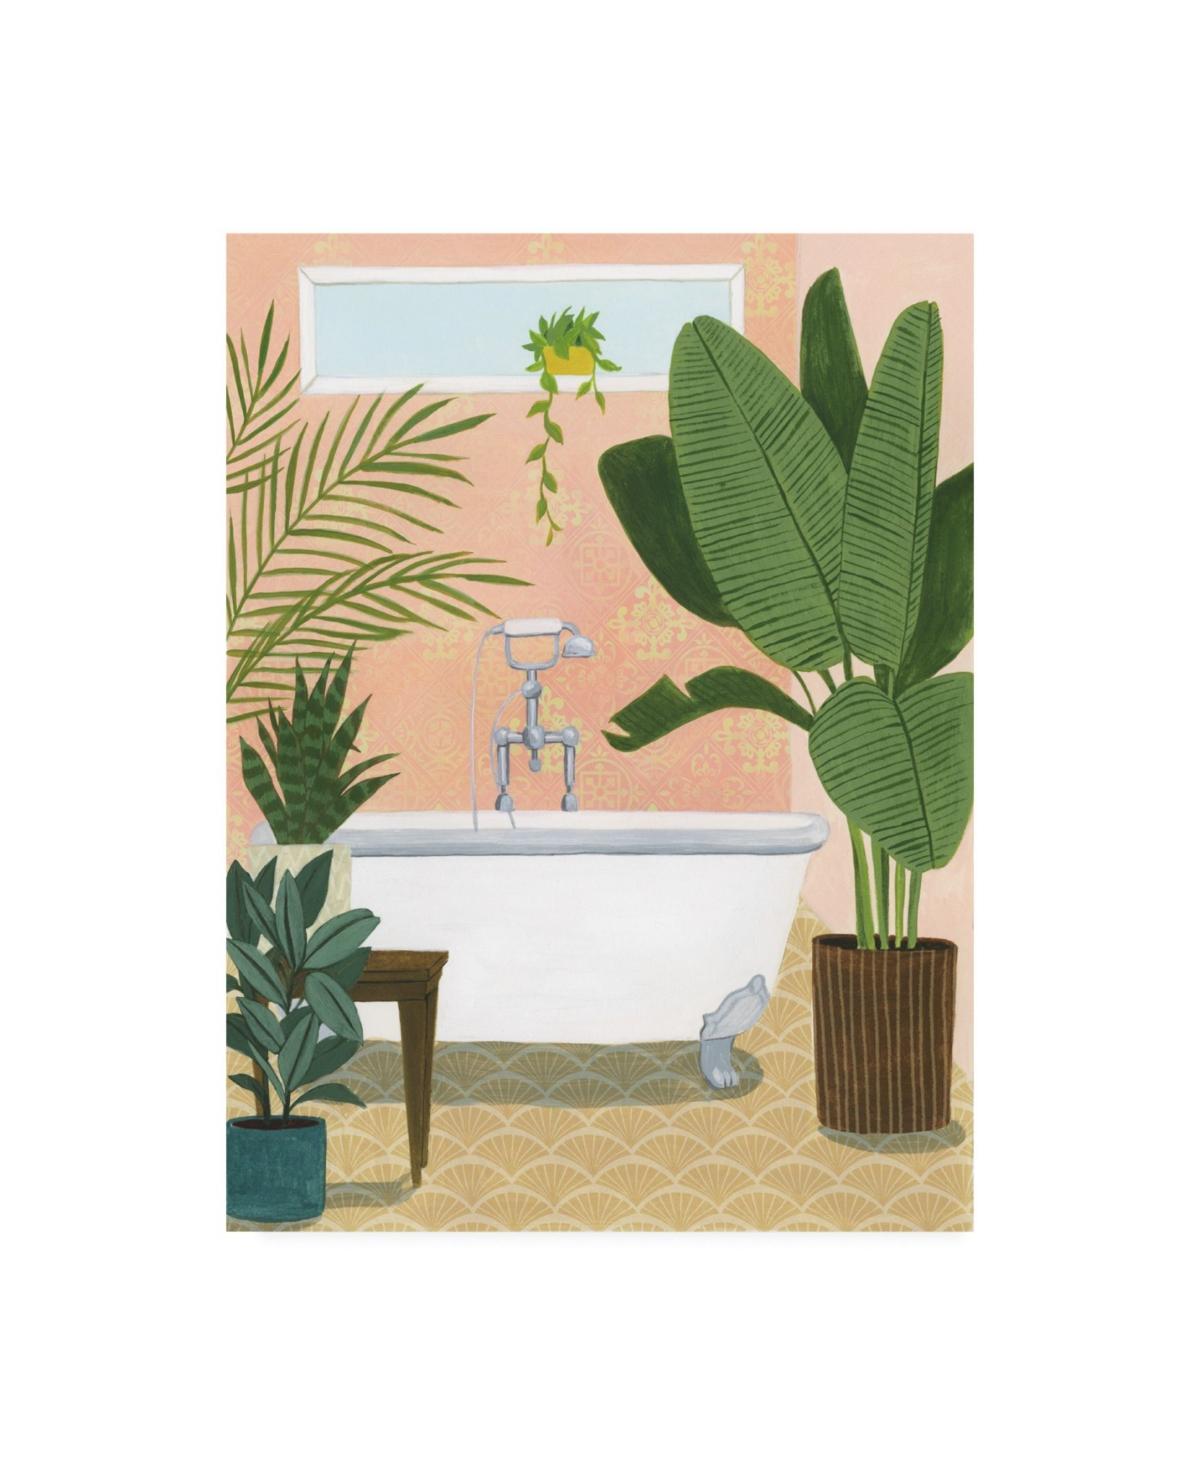 Grace Popp Bathtub Oasis I Canvas Art - 36.5